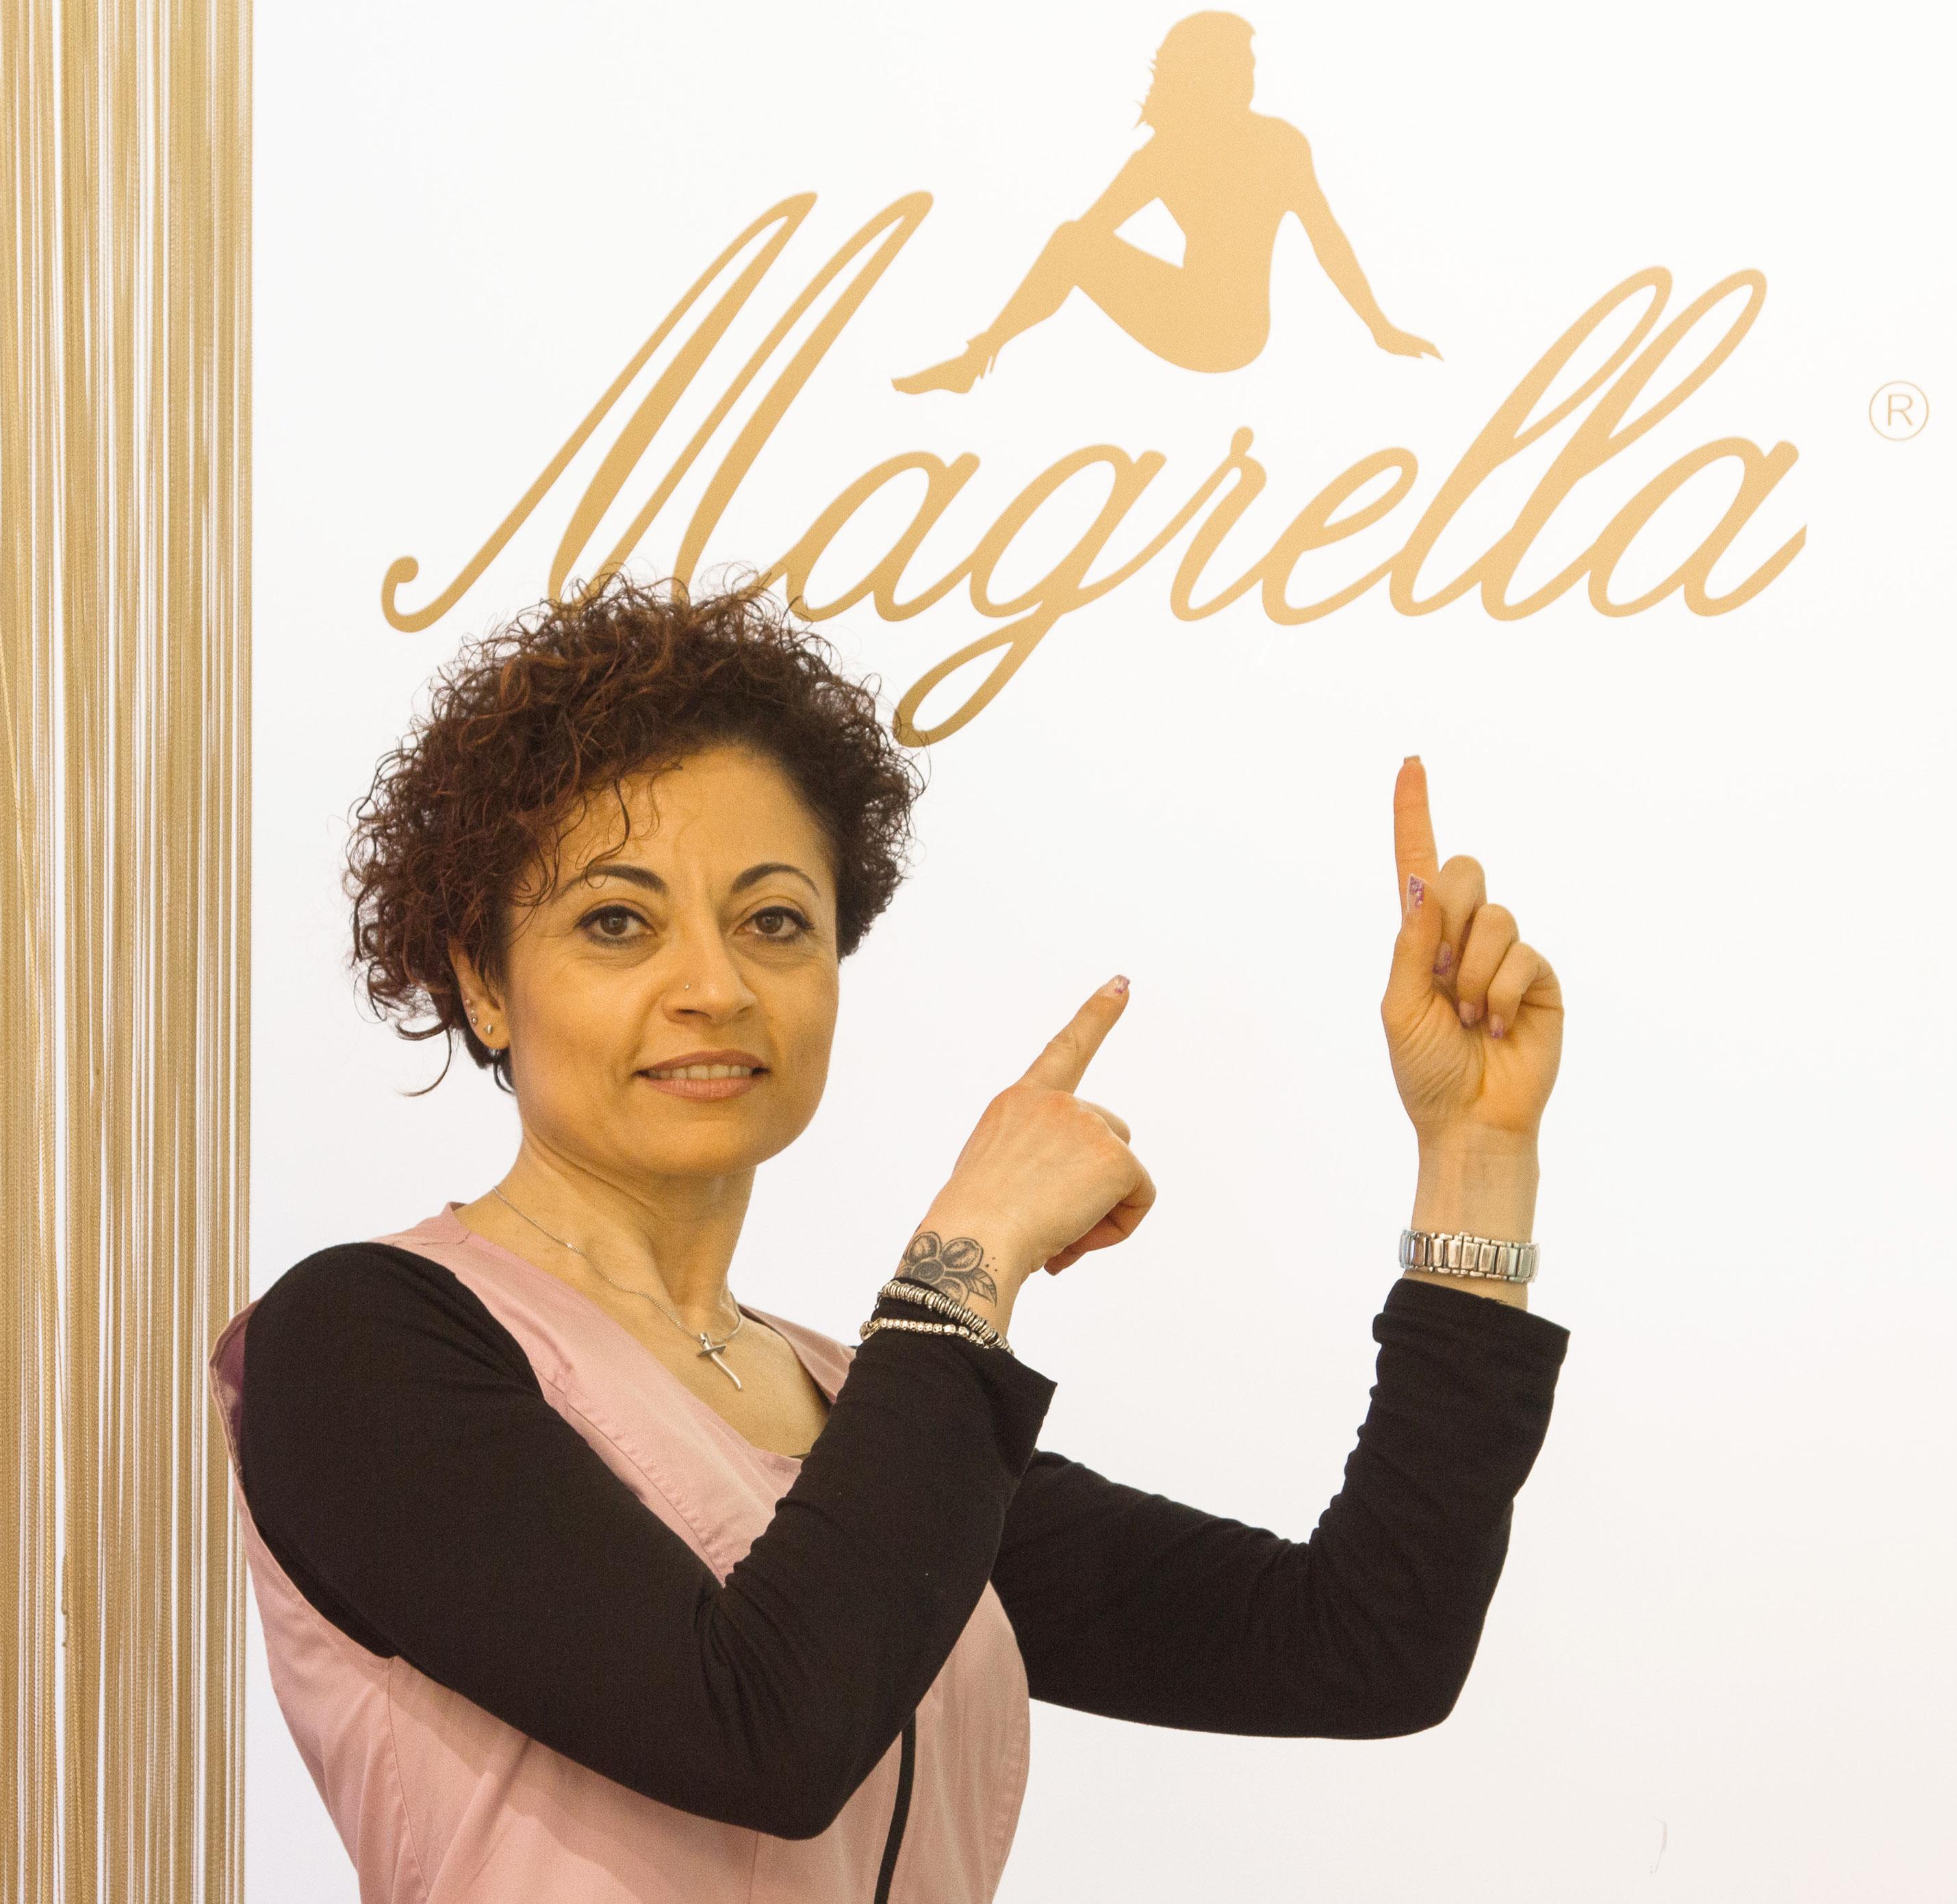 Centro dimagrimento dieta perdere pesa ferrara palestra dimagrire Magrella benessere insegna